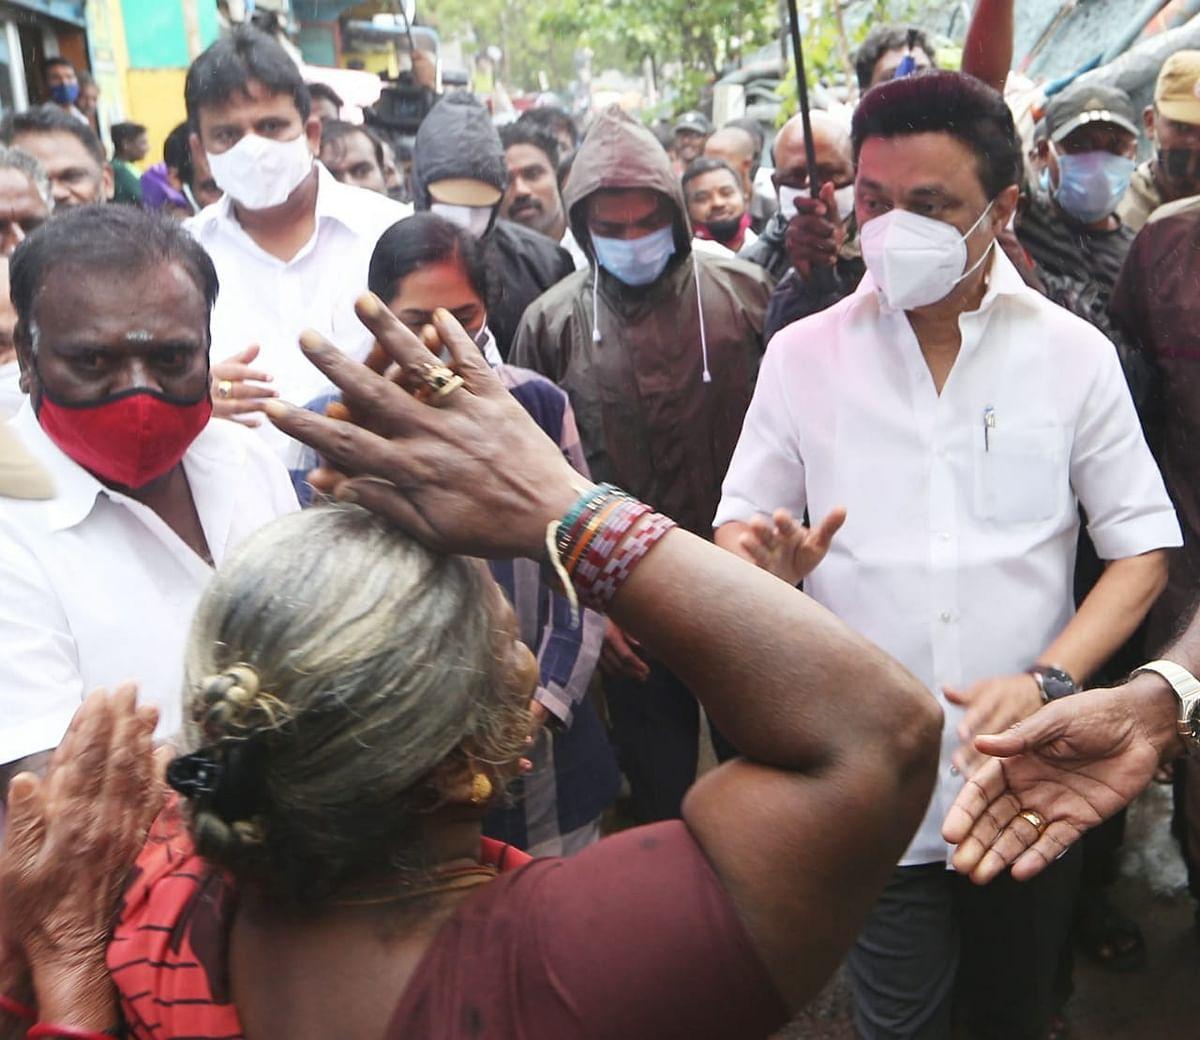 நிவர் புயலால் பாதிக்கப்பட்ட மக்களுடன் 'களத்தில் நிற்கும் தி.மு.க தலைவர் மு.க.ஸ்டாலின்' ! (Photos)